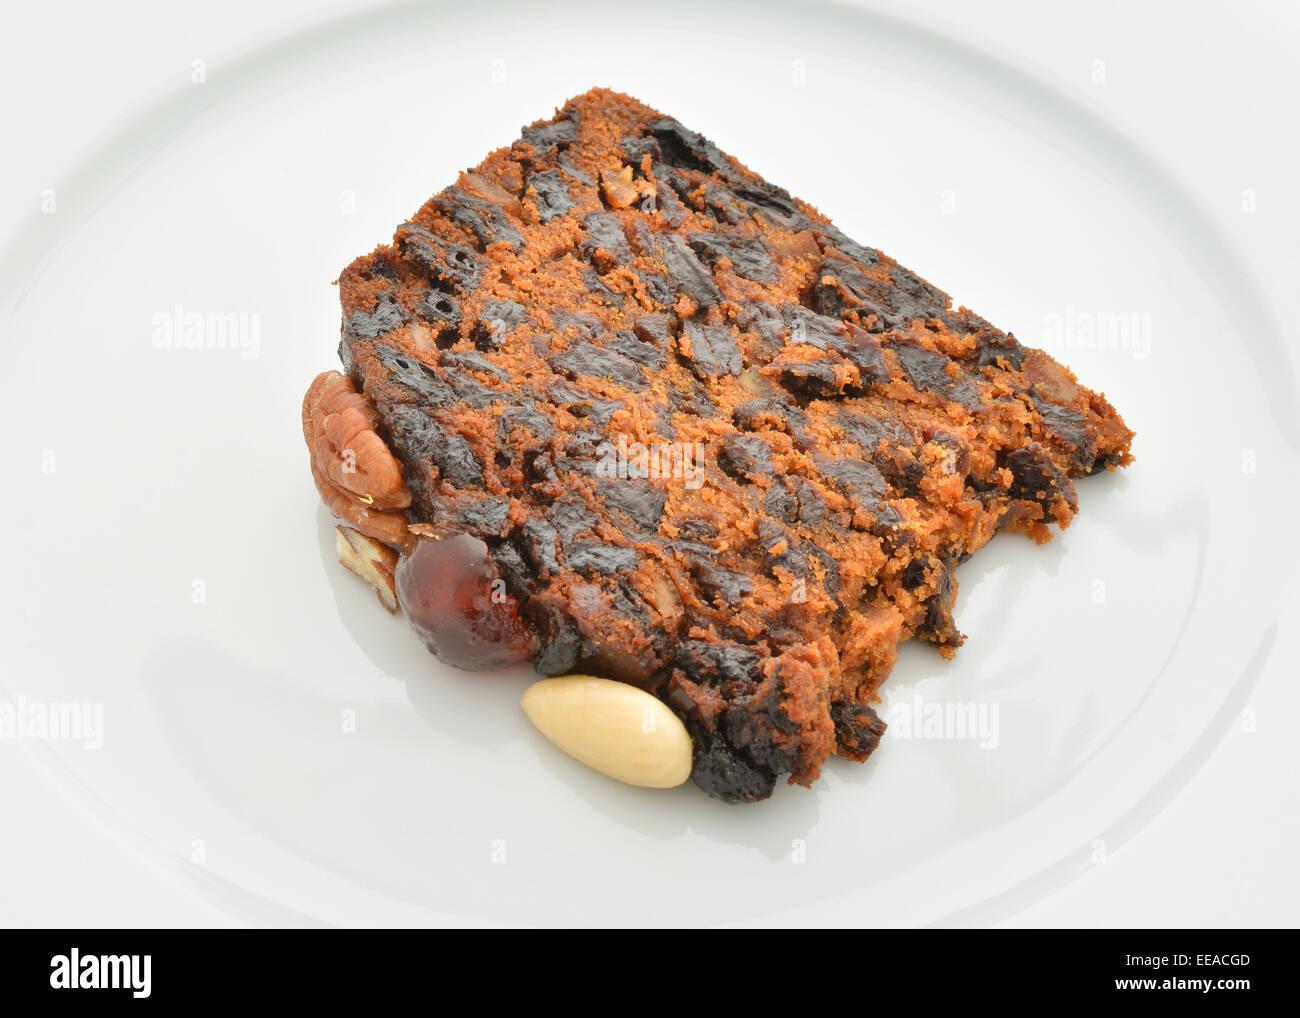 Tranche de gâteau aux fruits maison décorée de noix et de cerises on white plate Photo Stock